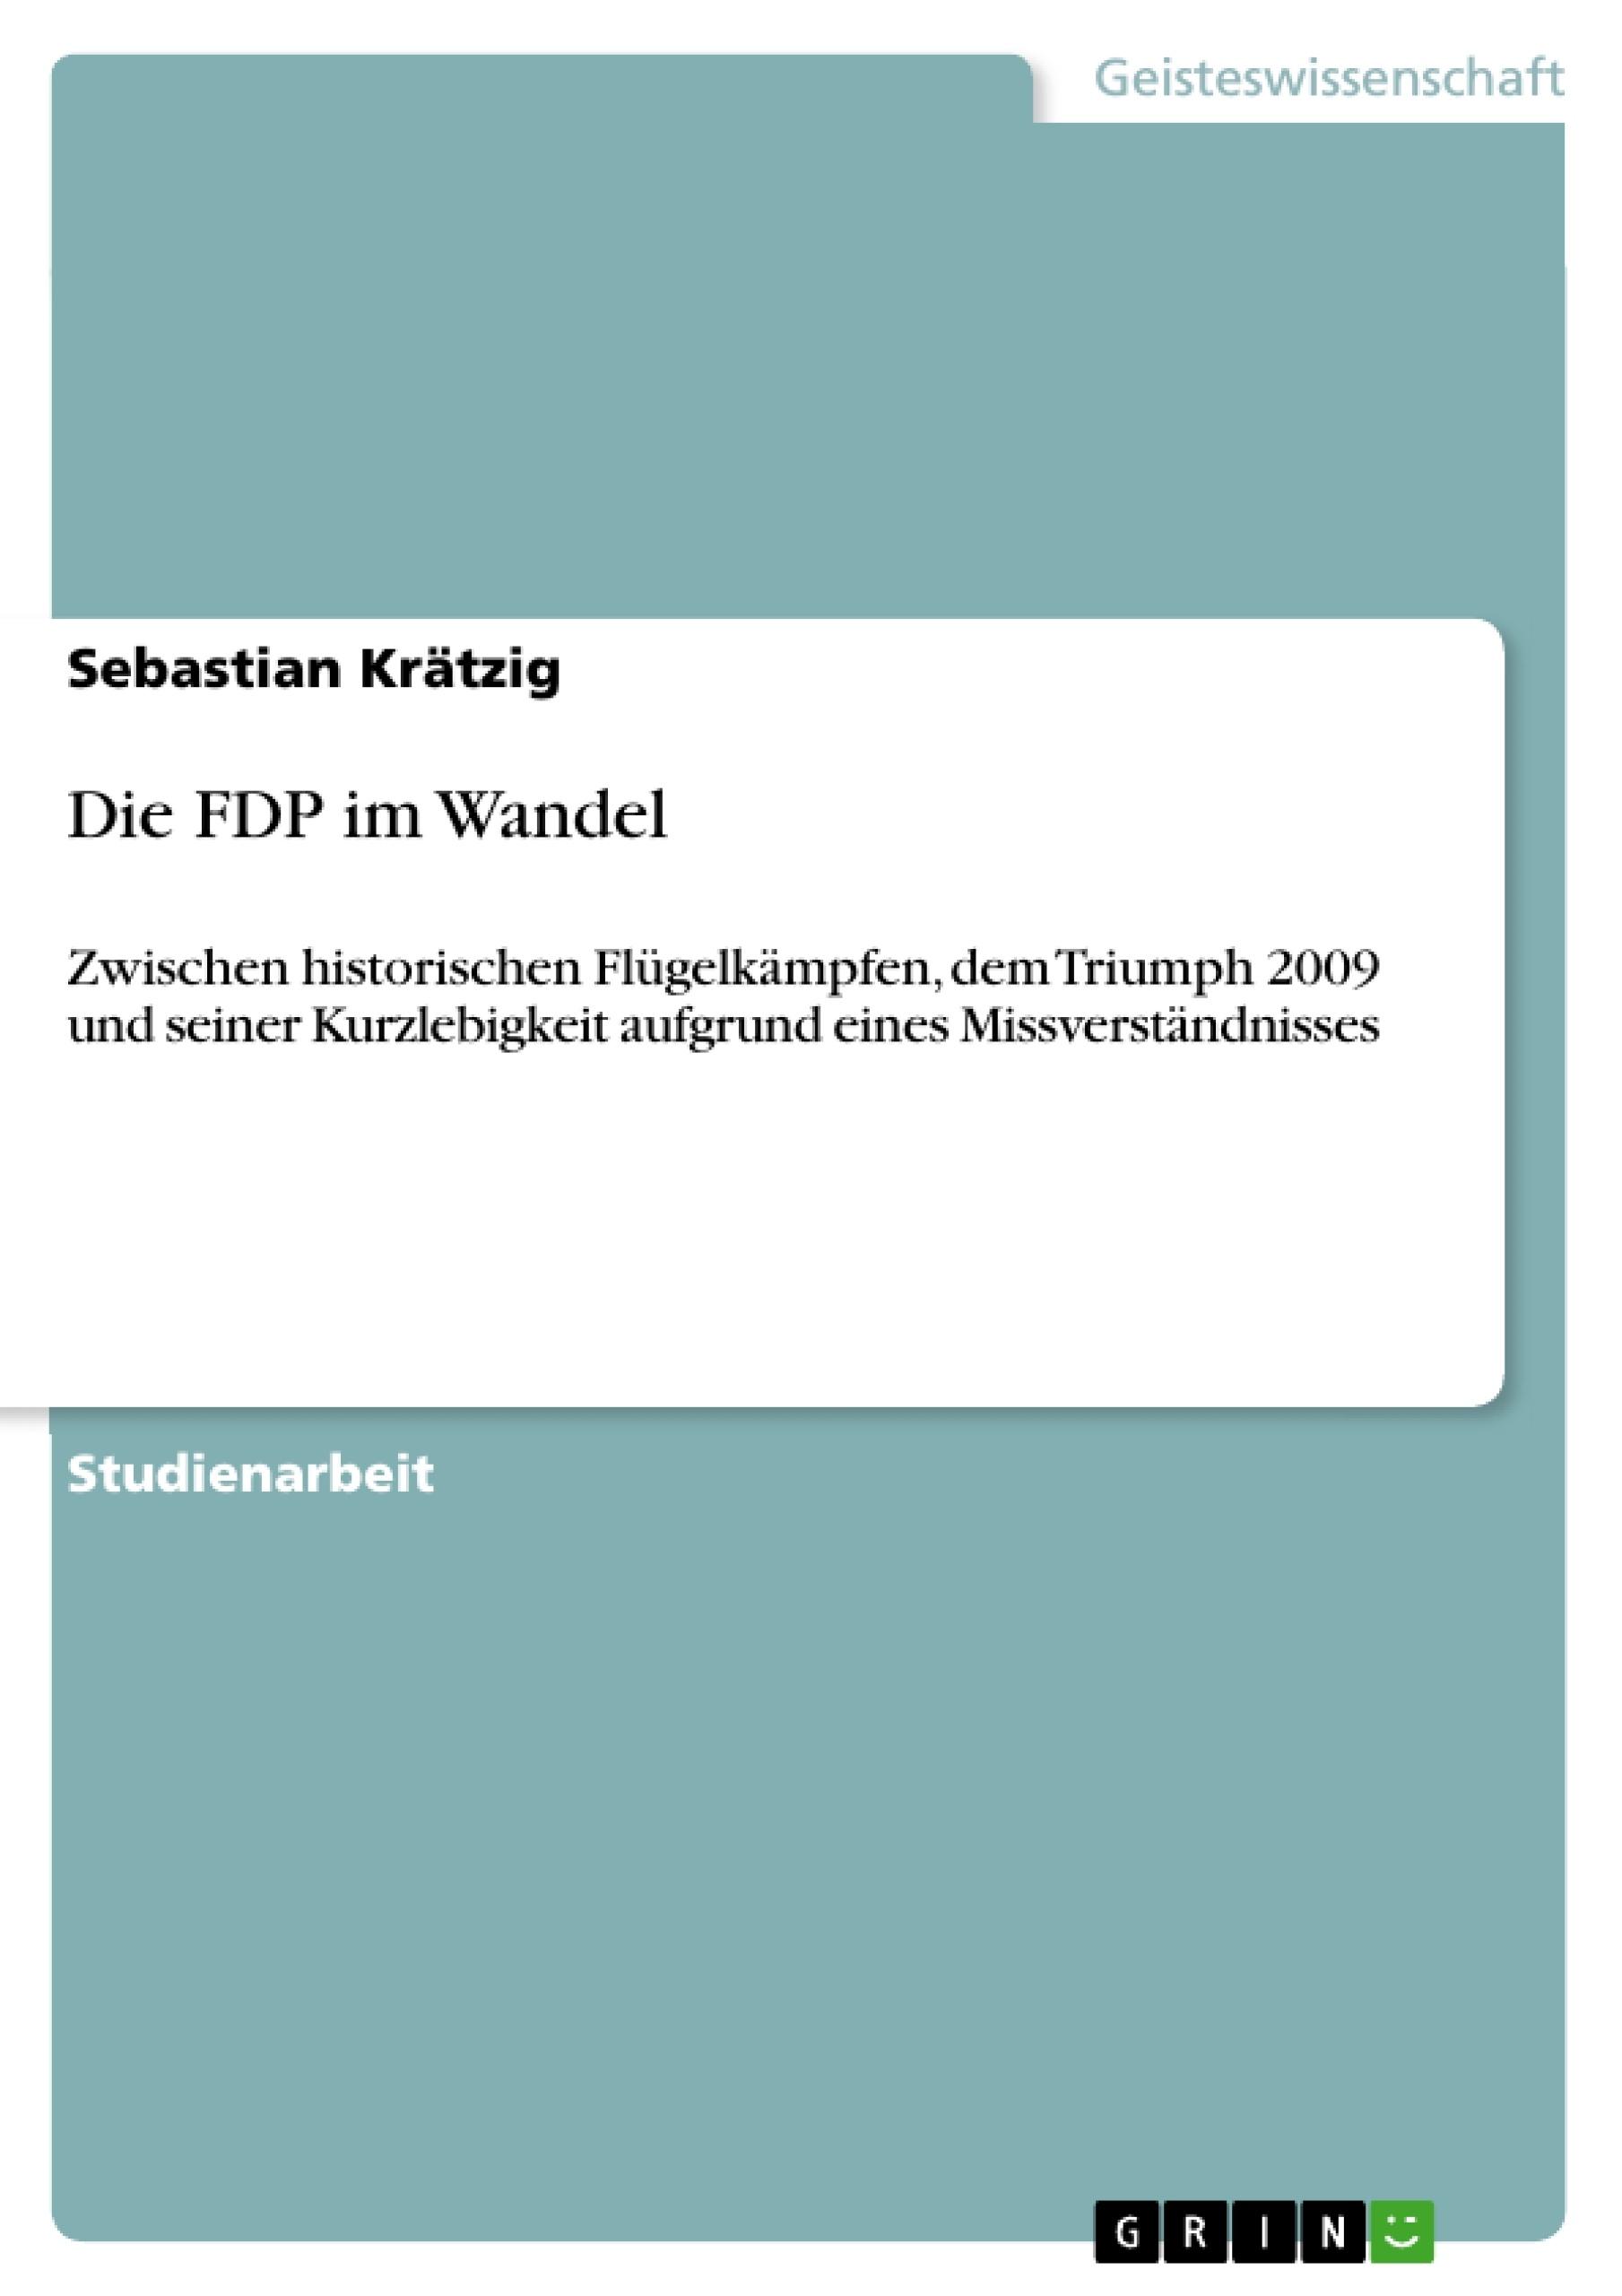 Titel: Die FDP im Wandel